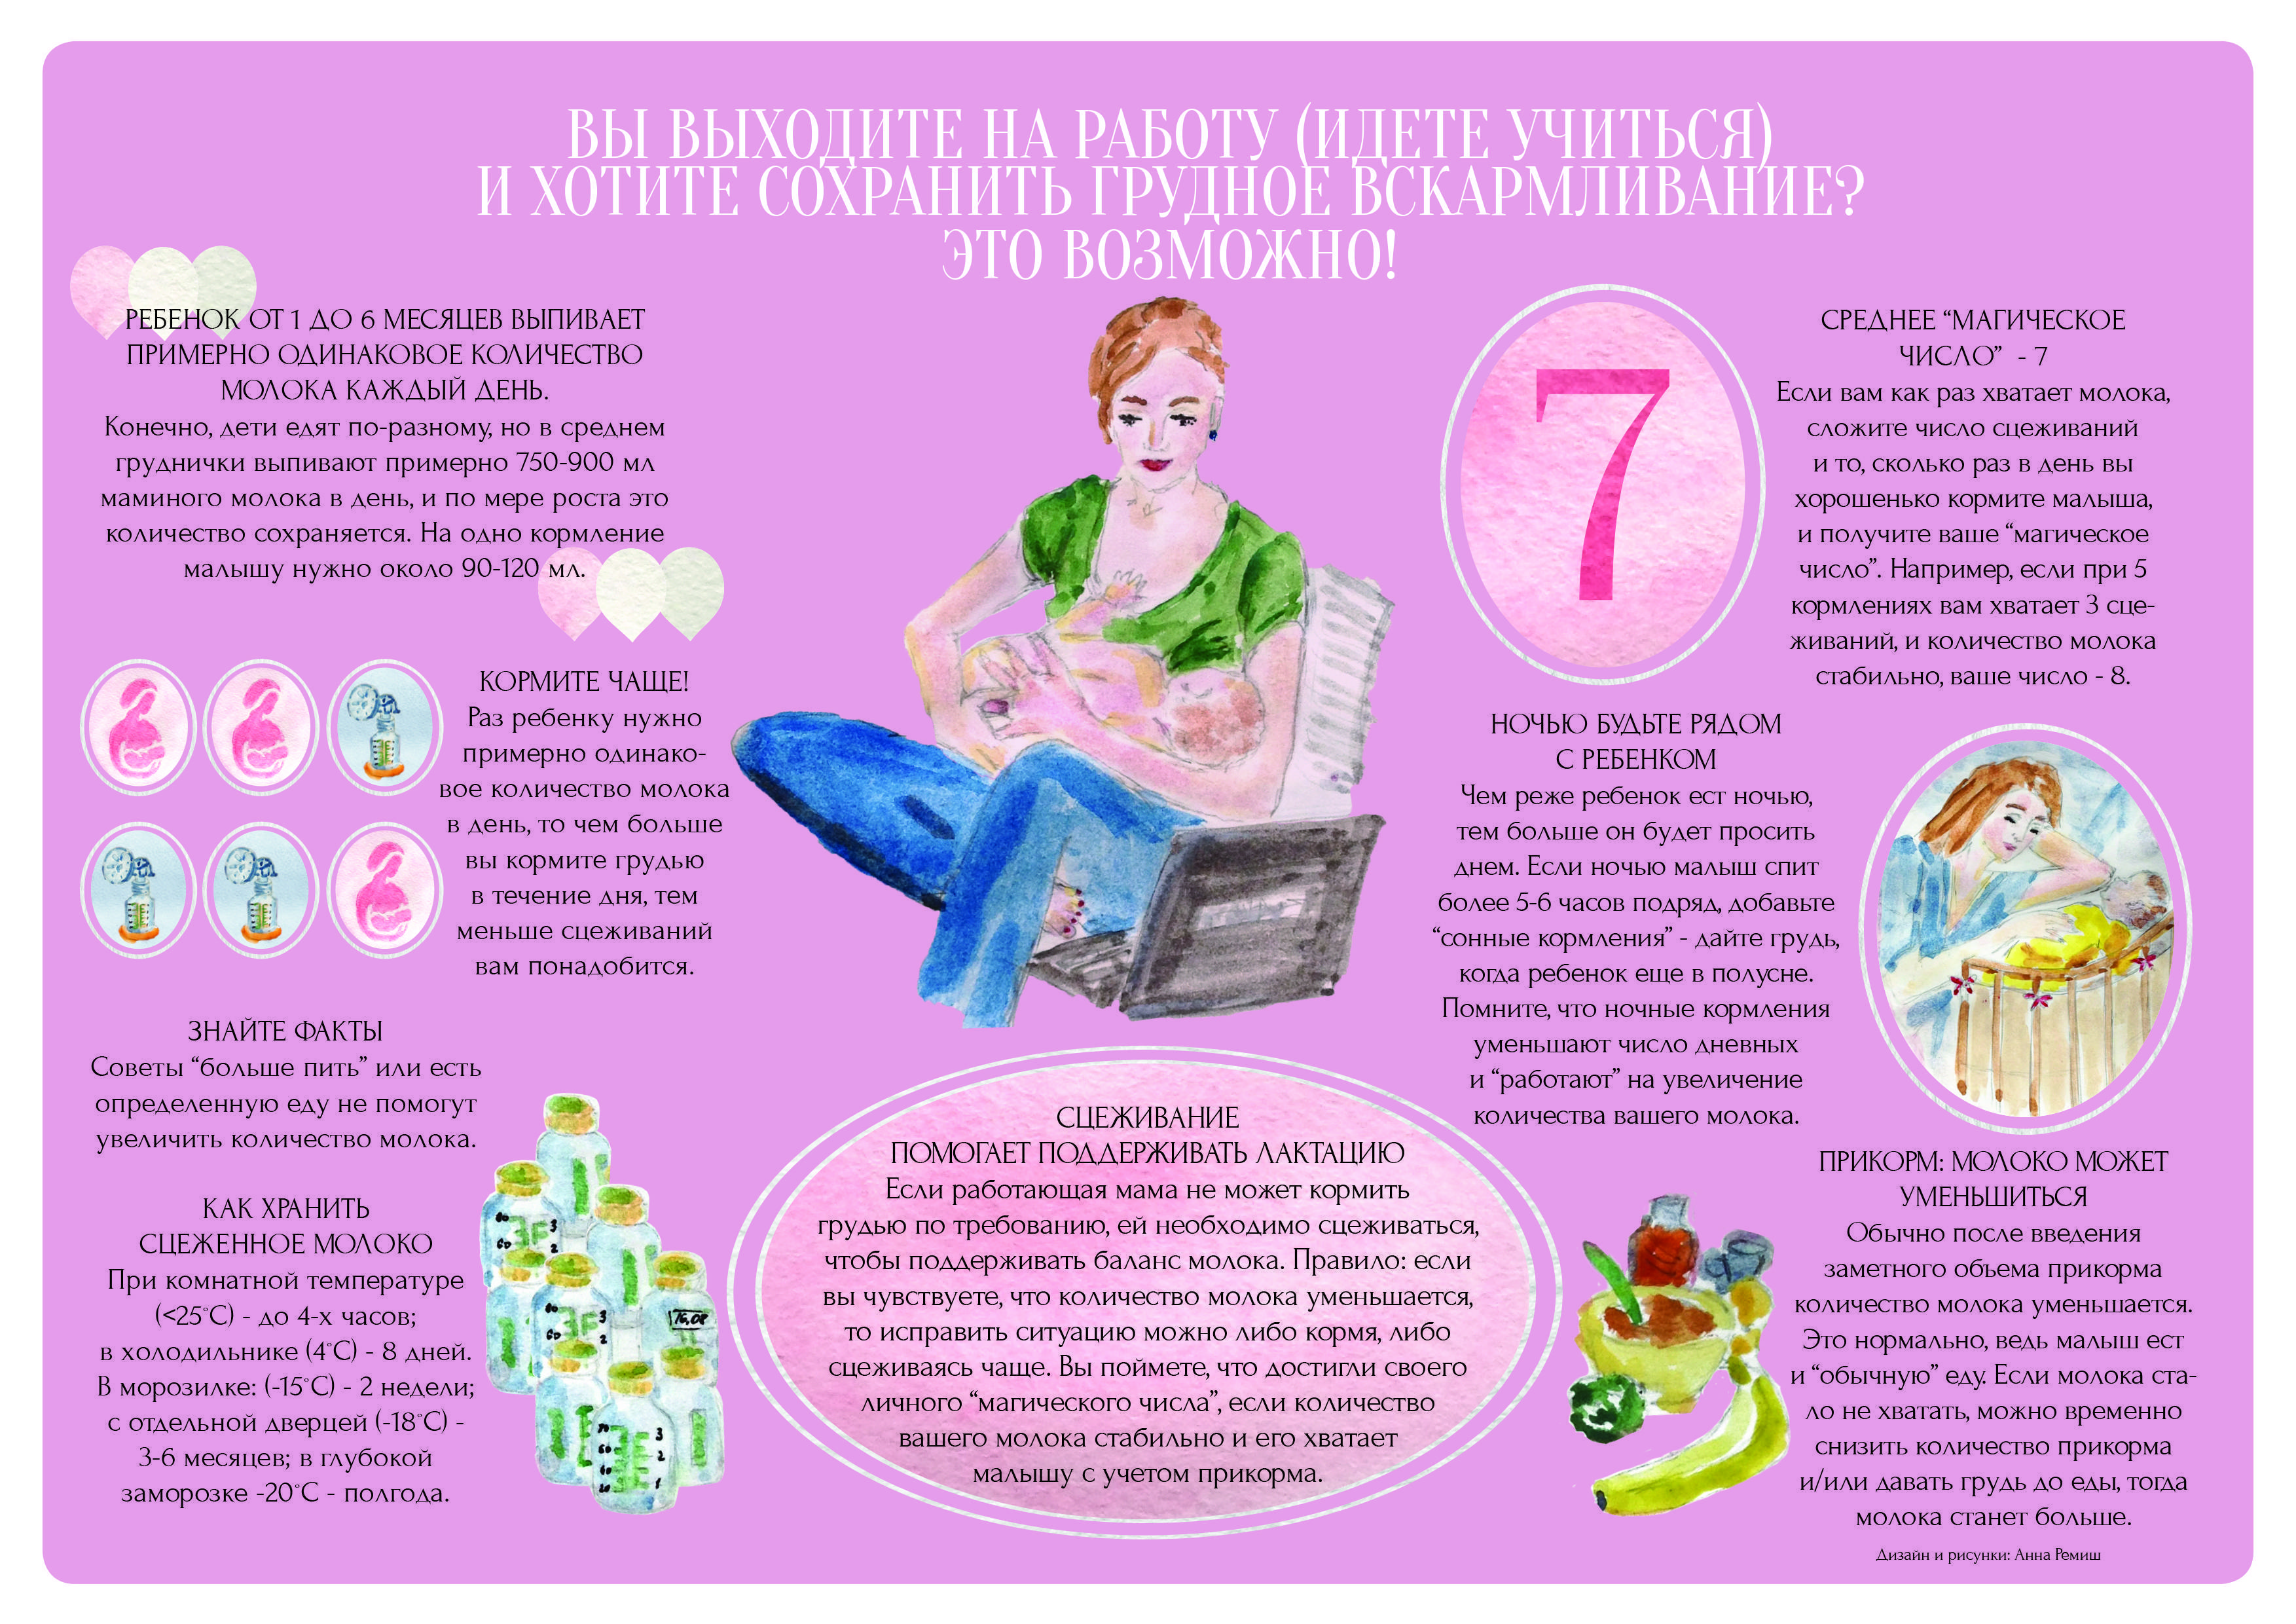 Советы мамы по грудному вскармливанию в соответствии с рекомендациями воз. опыт грудного вскармливания, рекомендации воз и полезные советы .